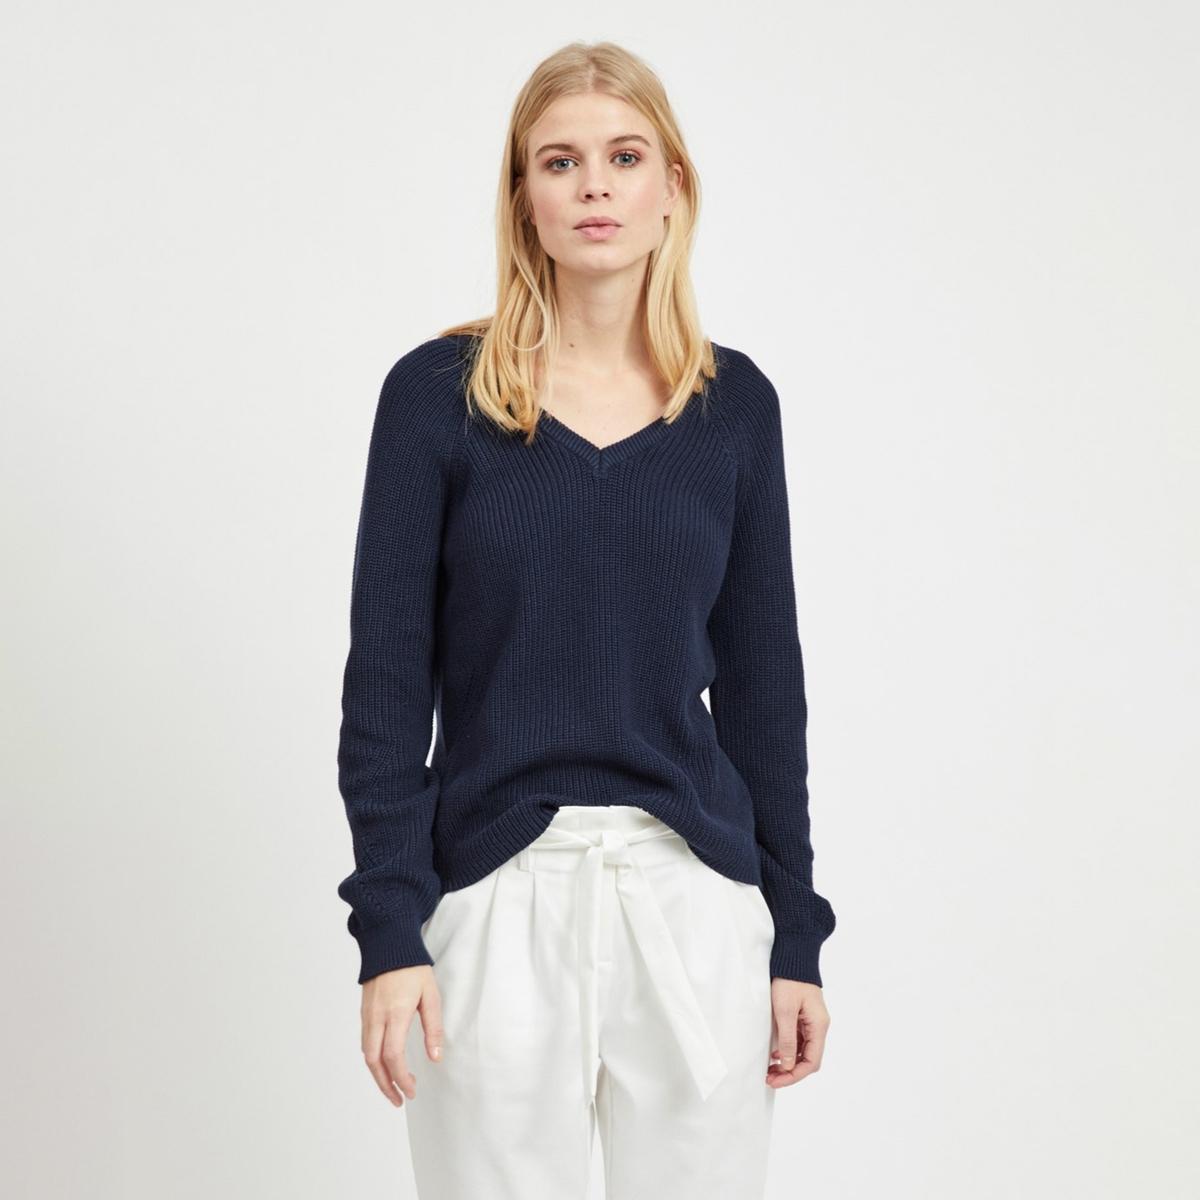 Пуловер La Redoute С V-образным вырезом из тонкого трикотажа XS синий